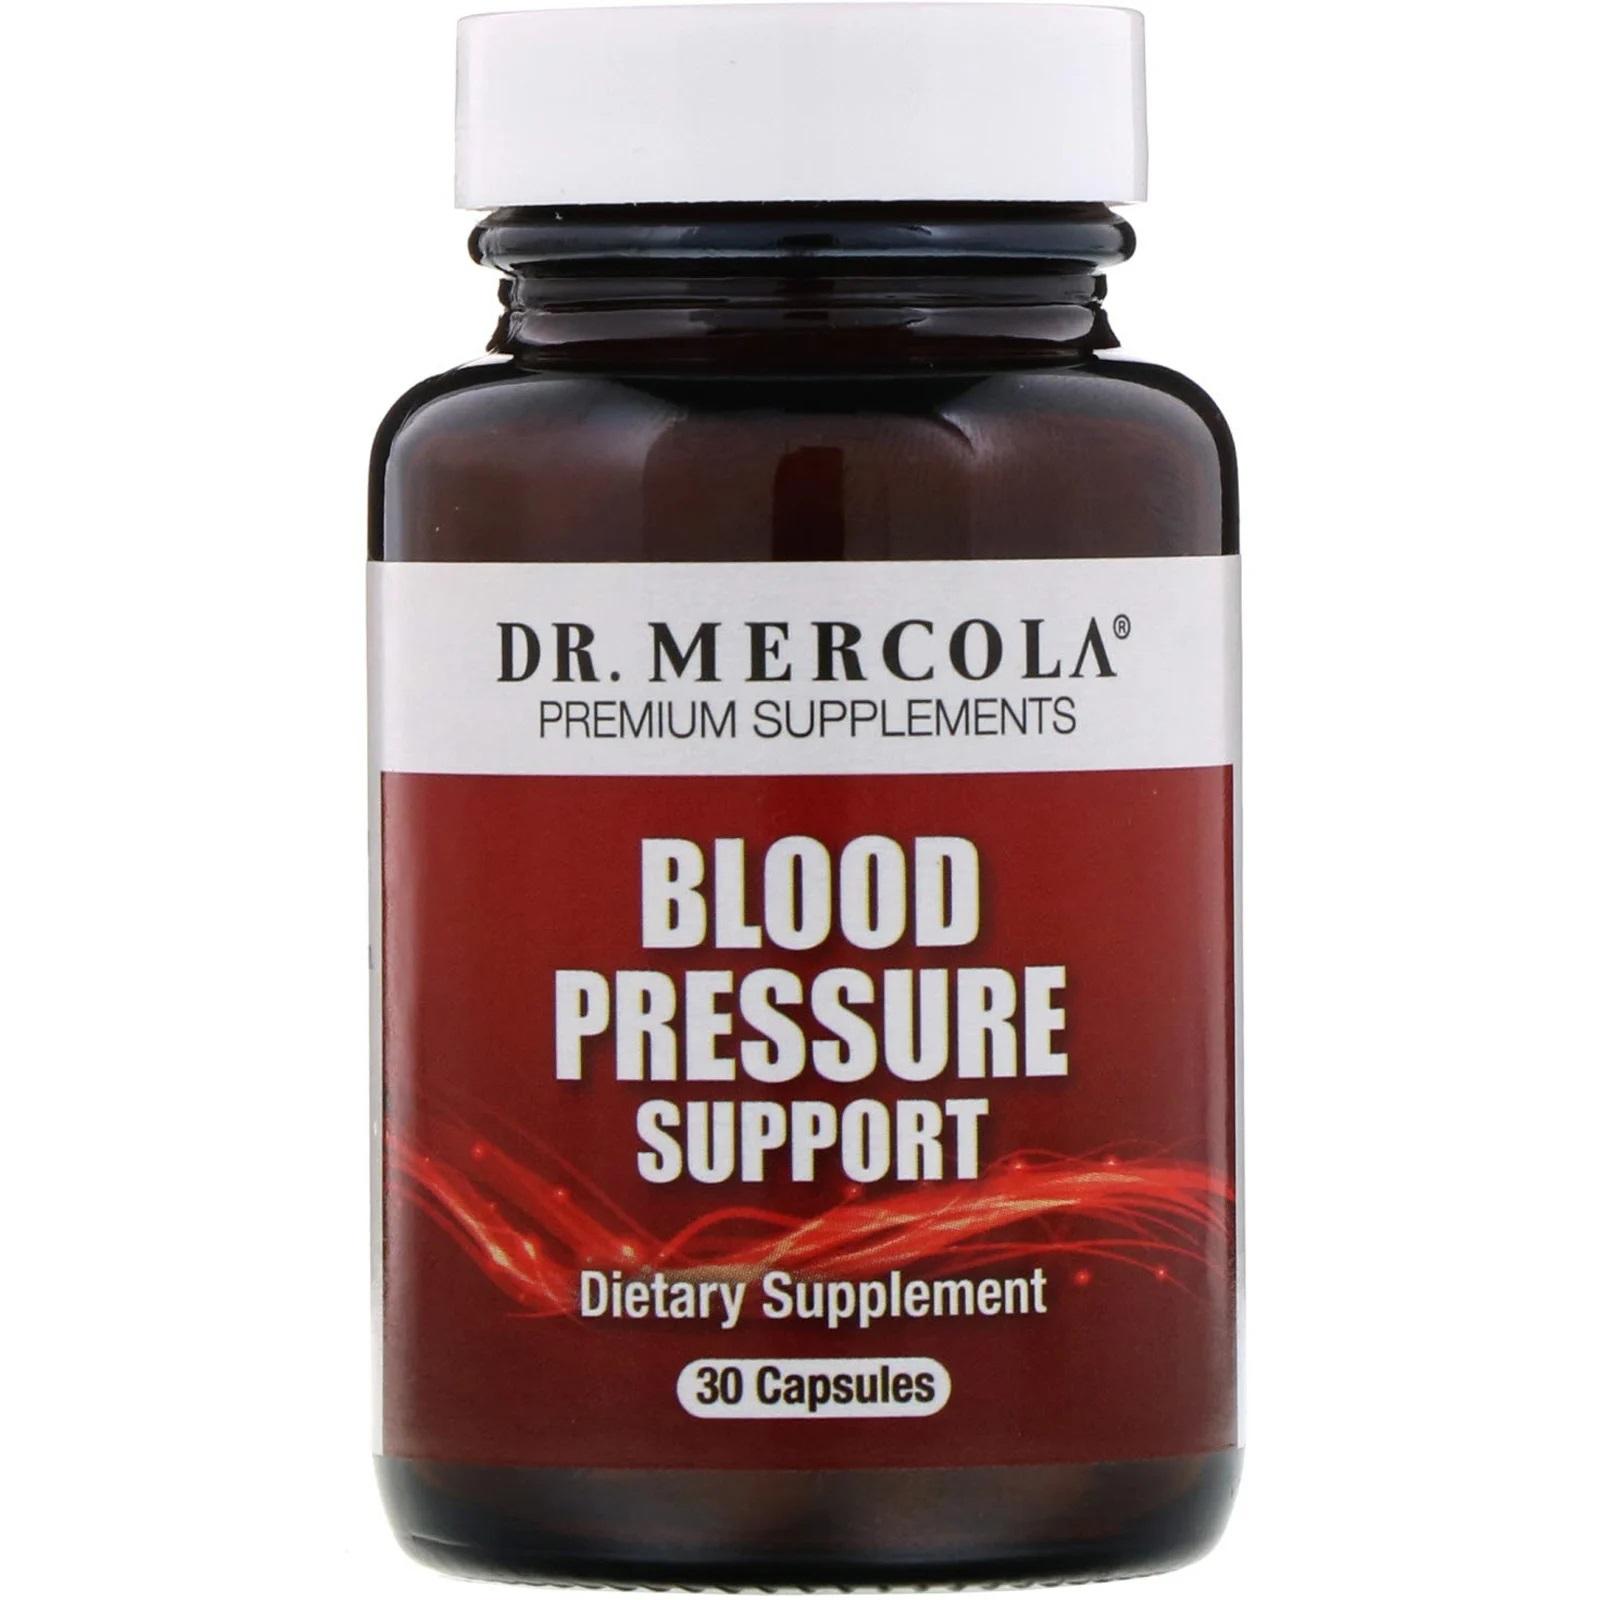 Image of Supporto di pressione sanguigna (30 capsule) - Dr. Mercola 0813006016728